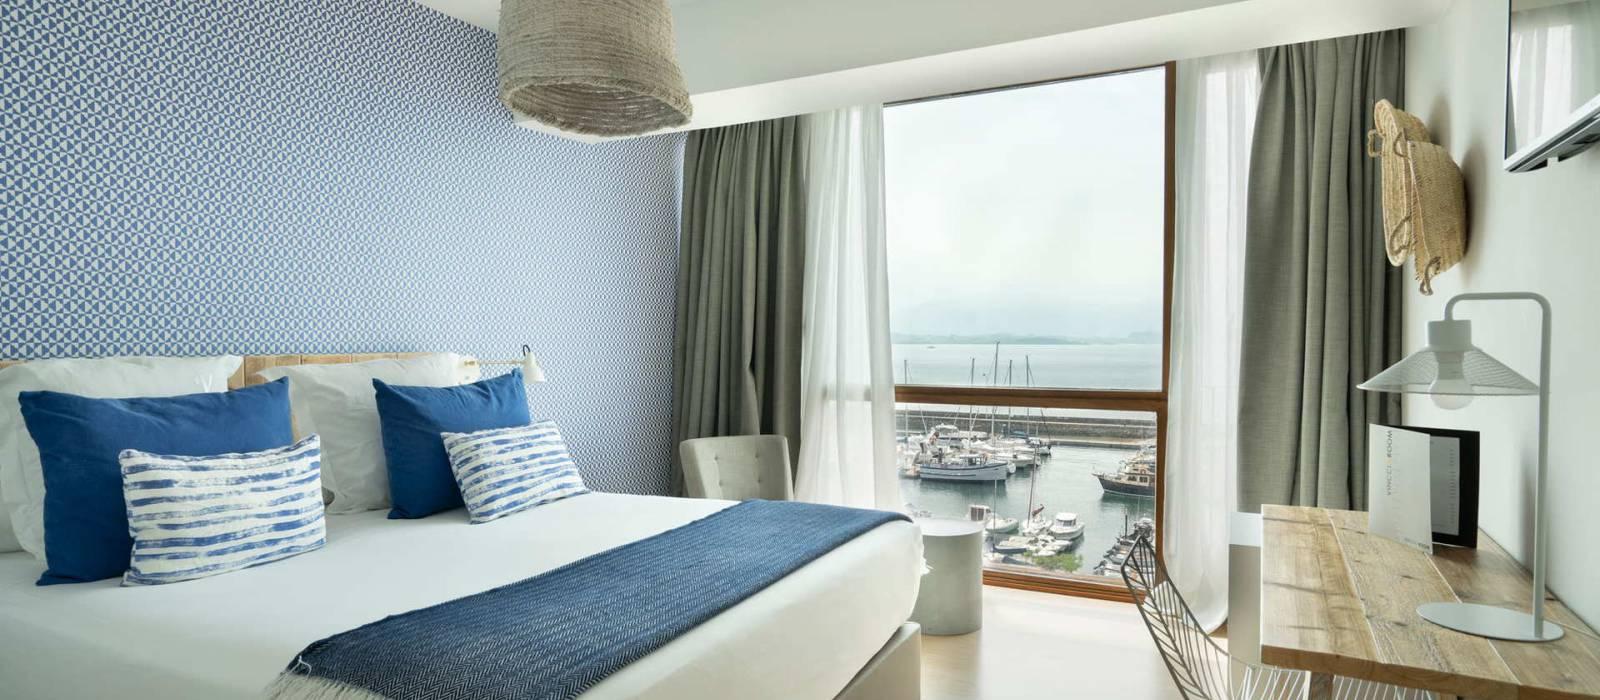 Habitación doble vistas al mar. Hotel Vincci Santander Puertochico